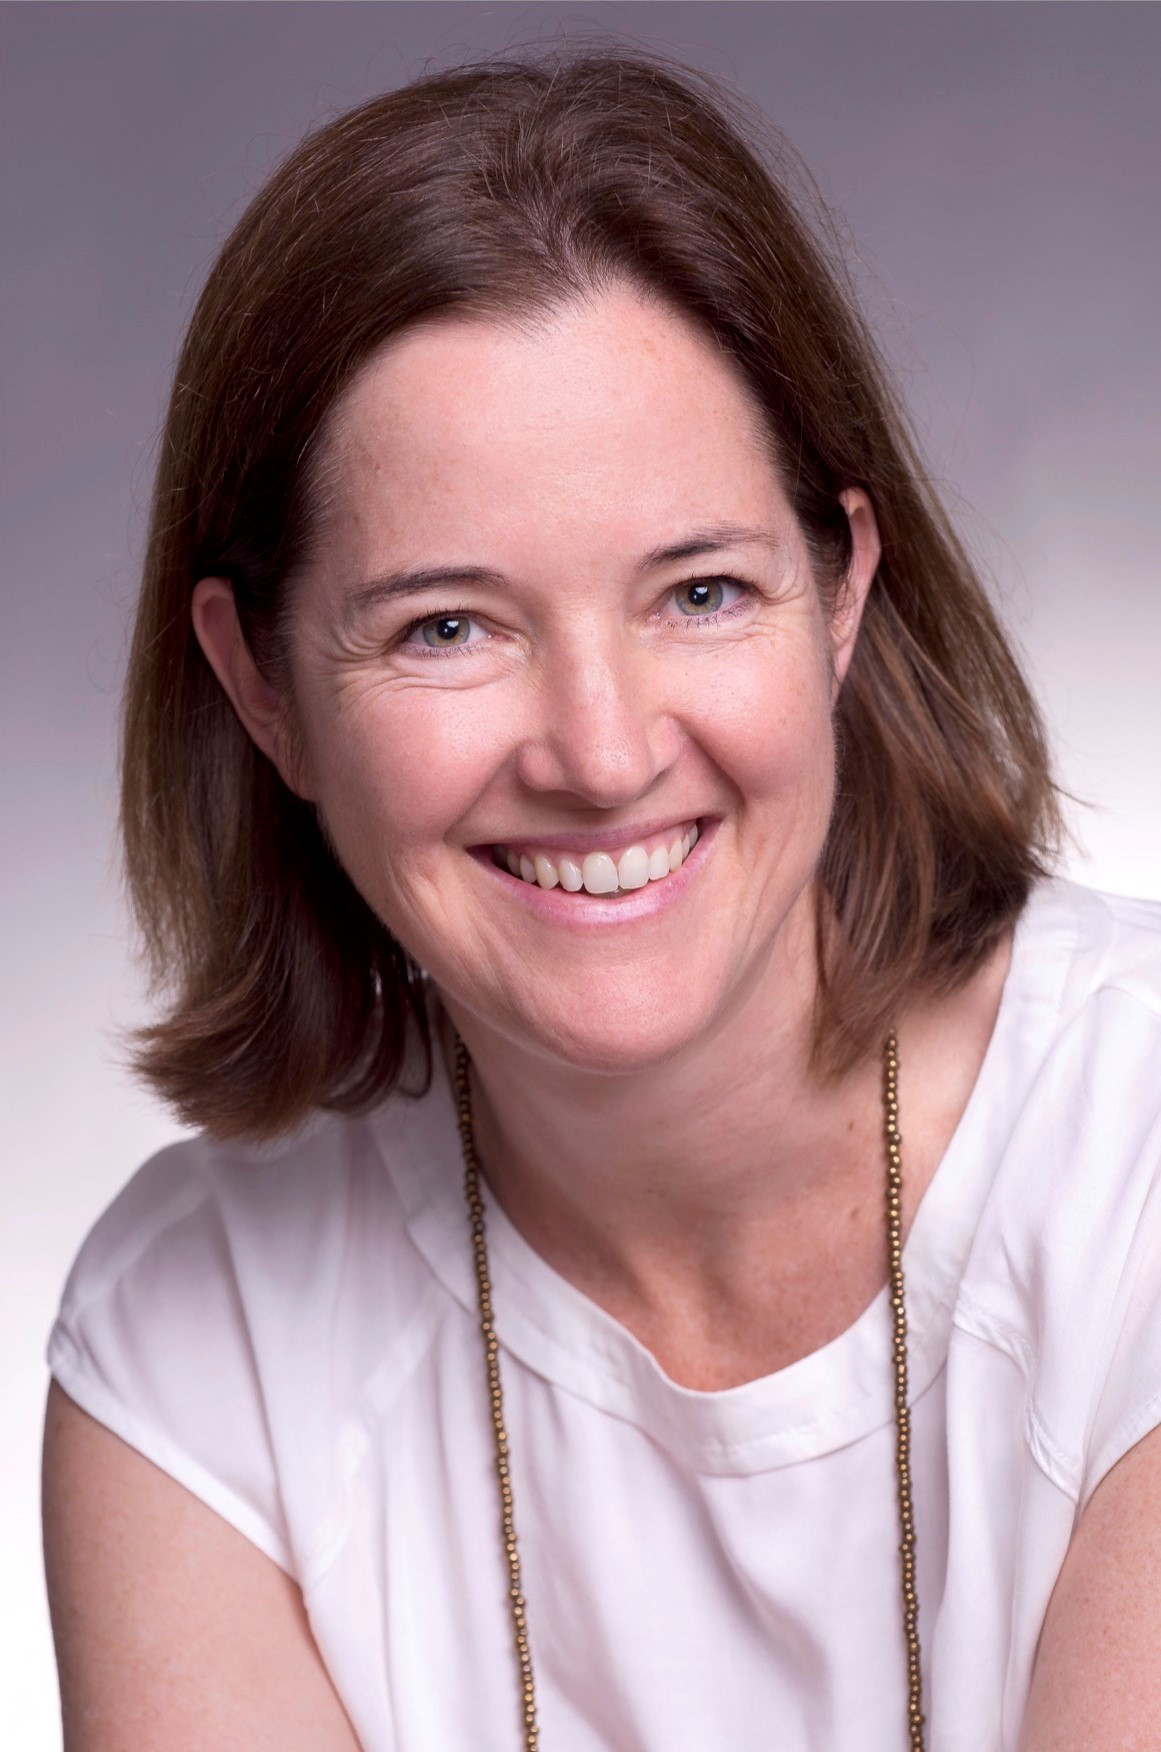 Michelle Posemann